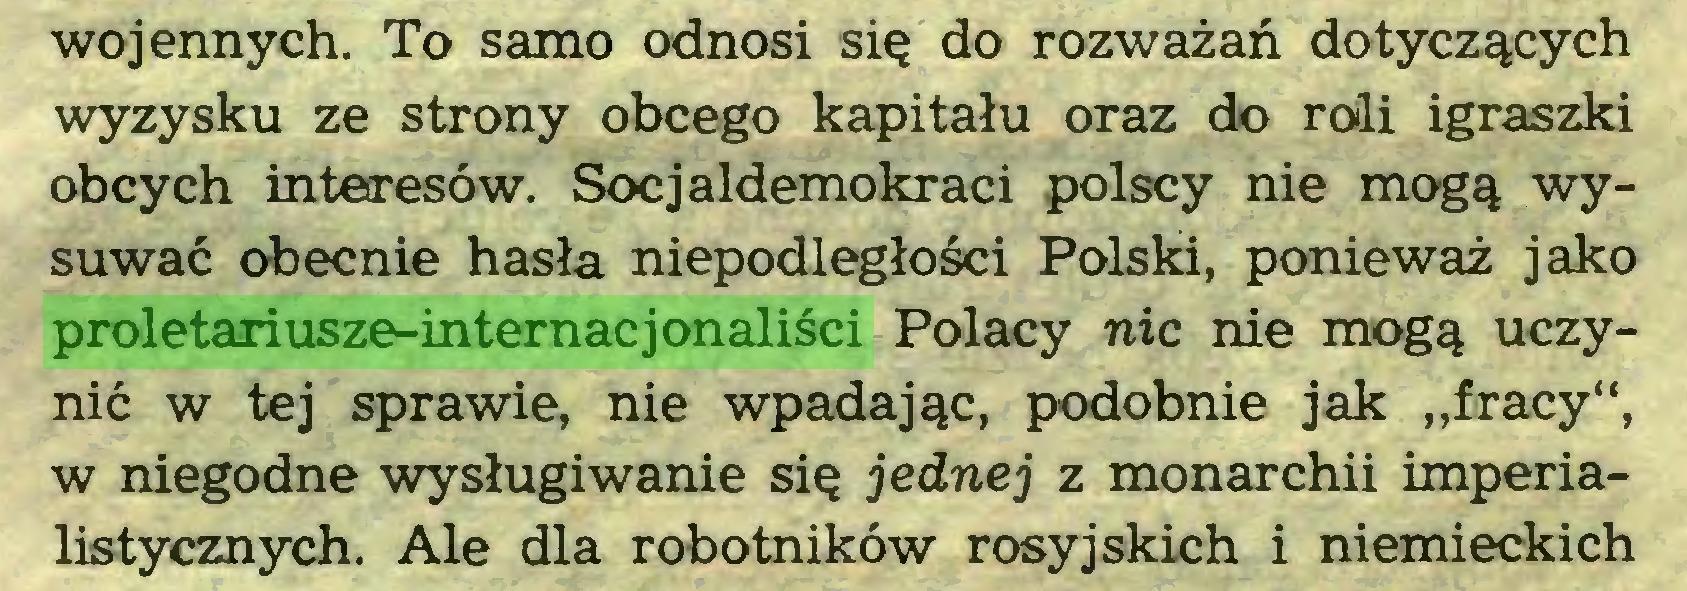 """(...) wojennych. To samo odnosi się do rozważań dotyczących wyzysku ze strony obcego kapitału oraz do roli igraszki obcych interesów. Socjaldemokraci polscy nie mogą wysuwać obecnie hasła niepodległości Polski, ponieważ jako proletariusze-internacjonaliści Polacy nic nie mogą uczynić w tej sprawie, nie wpadając, podobnie jak """"fracy"""", w niegodne wysługiwanie się jednej z monarchii imperialistycznych. Ale dla robotników rosyjskich i niemieckich..."""